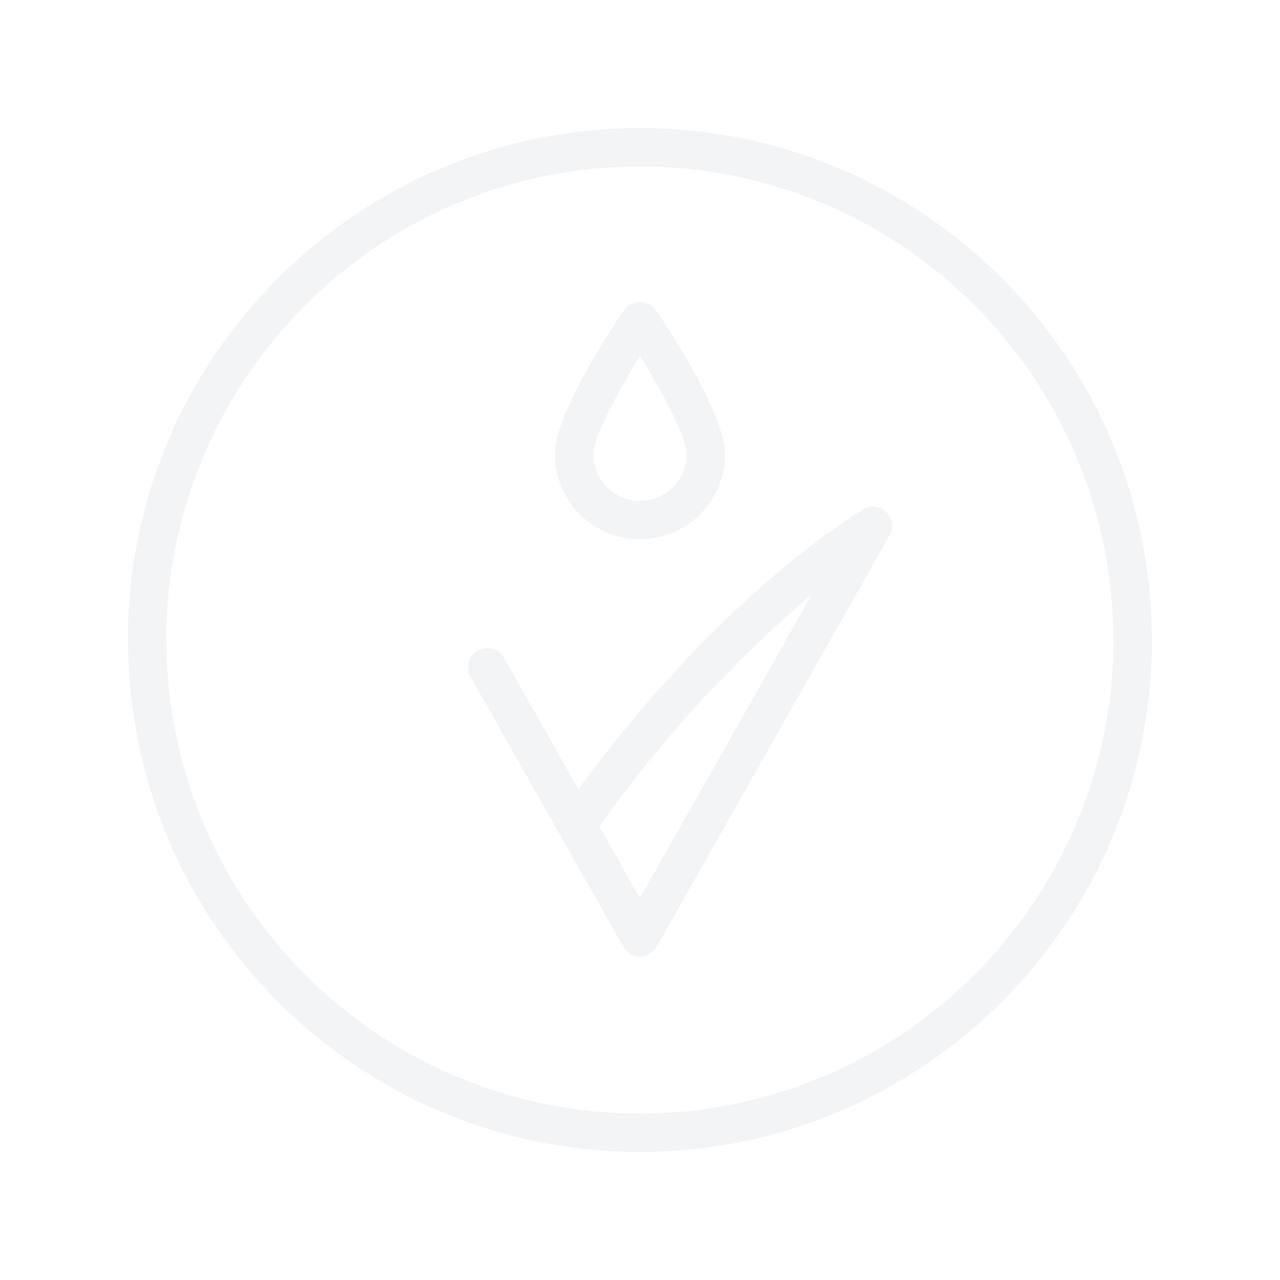 L'OREAL Super Liner Le Smoky Eye Pencil No.204 Brown Fusion